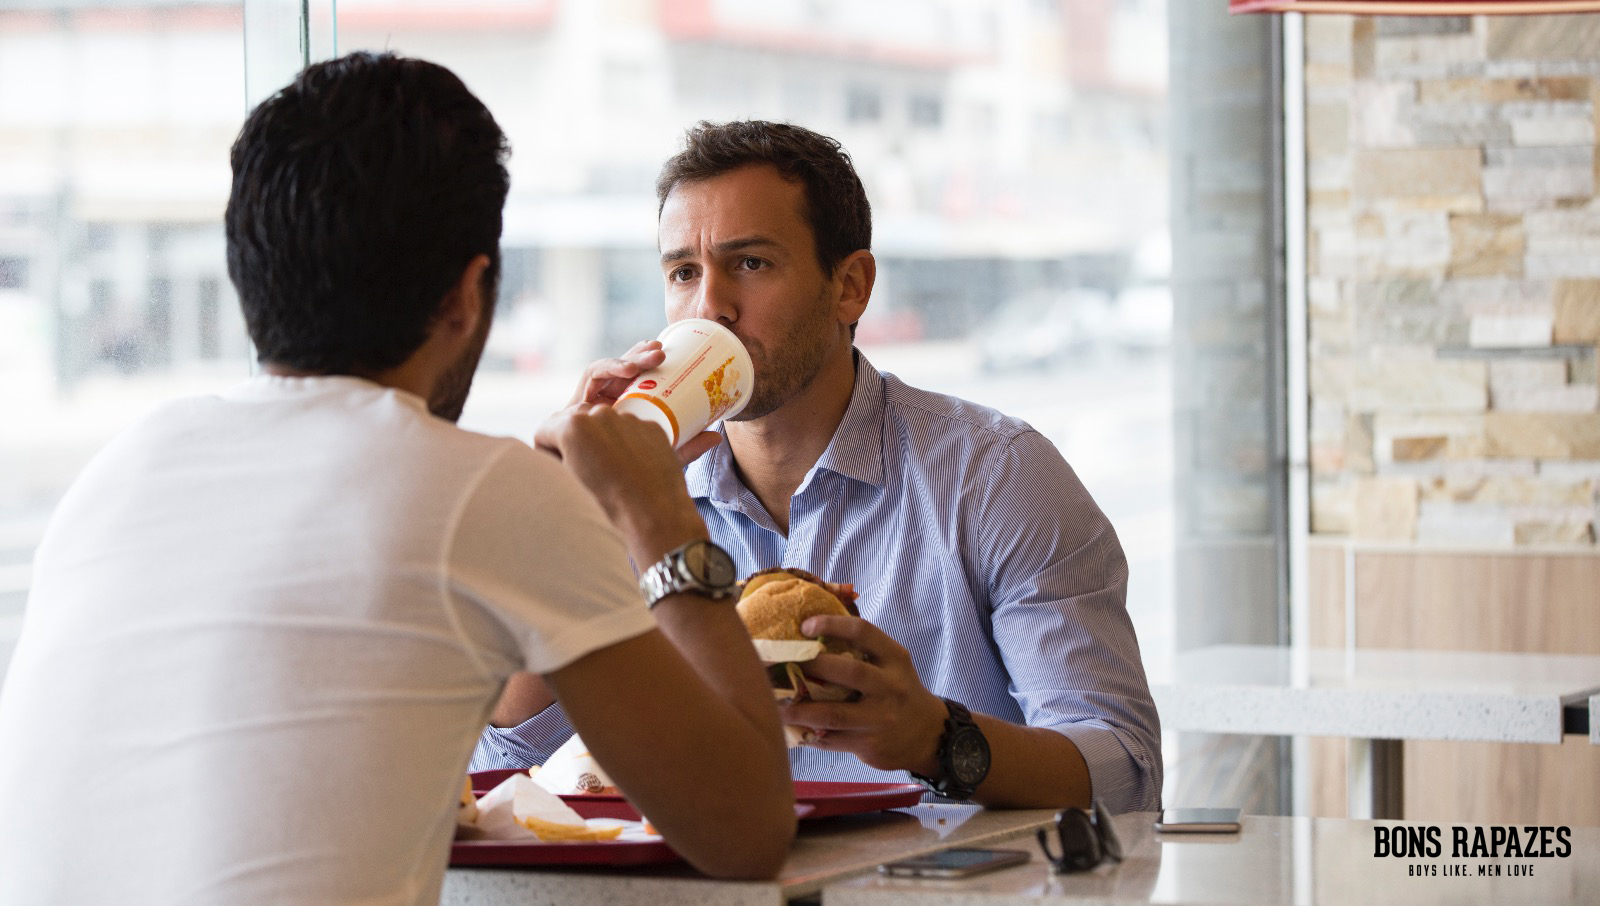 bons-rapazes-no-burger-king-3